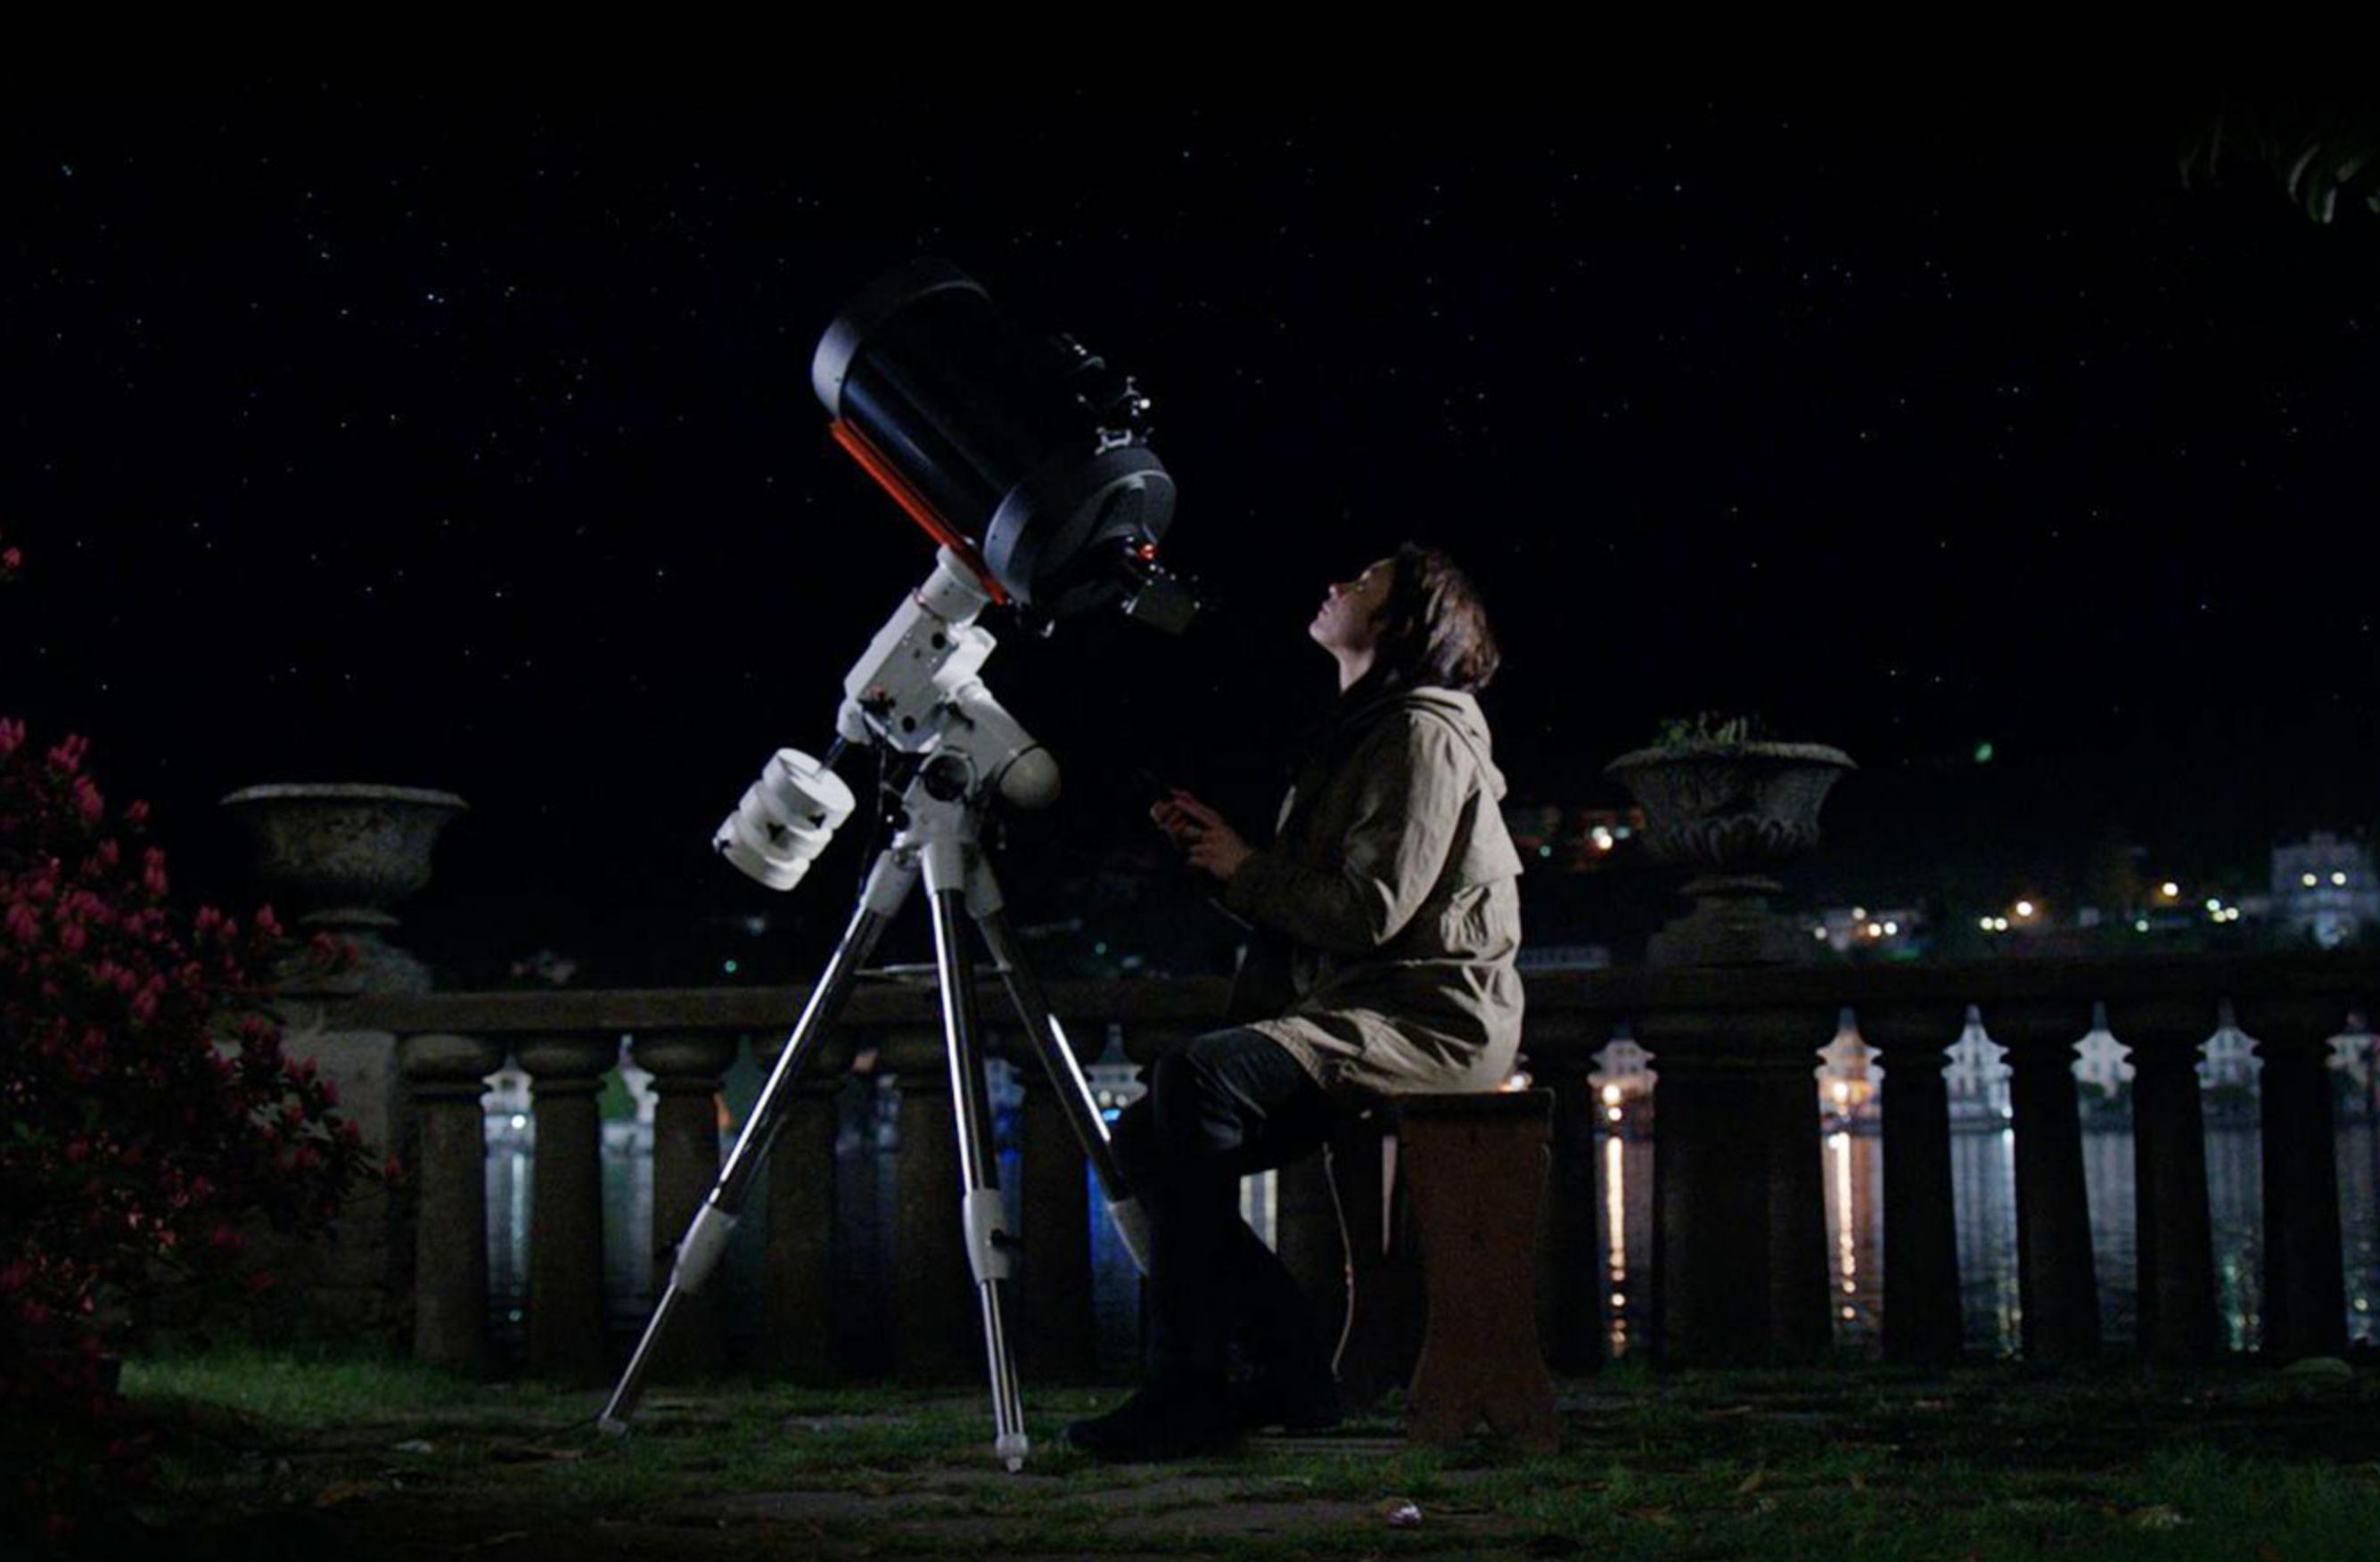 ある天文学者の恋文